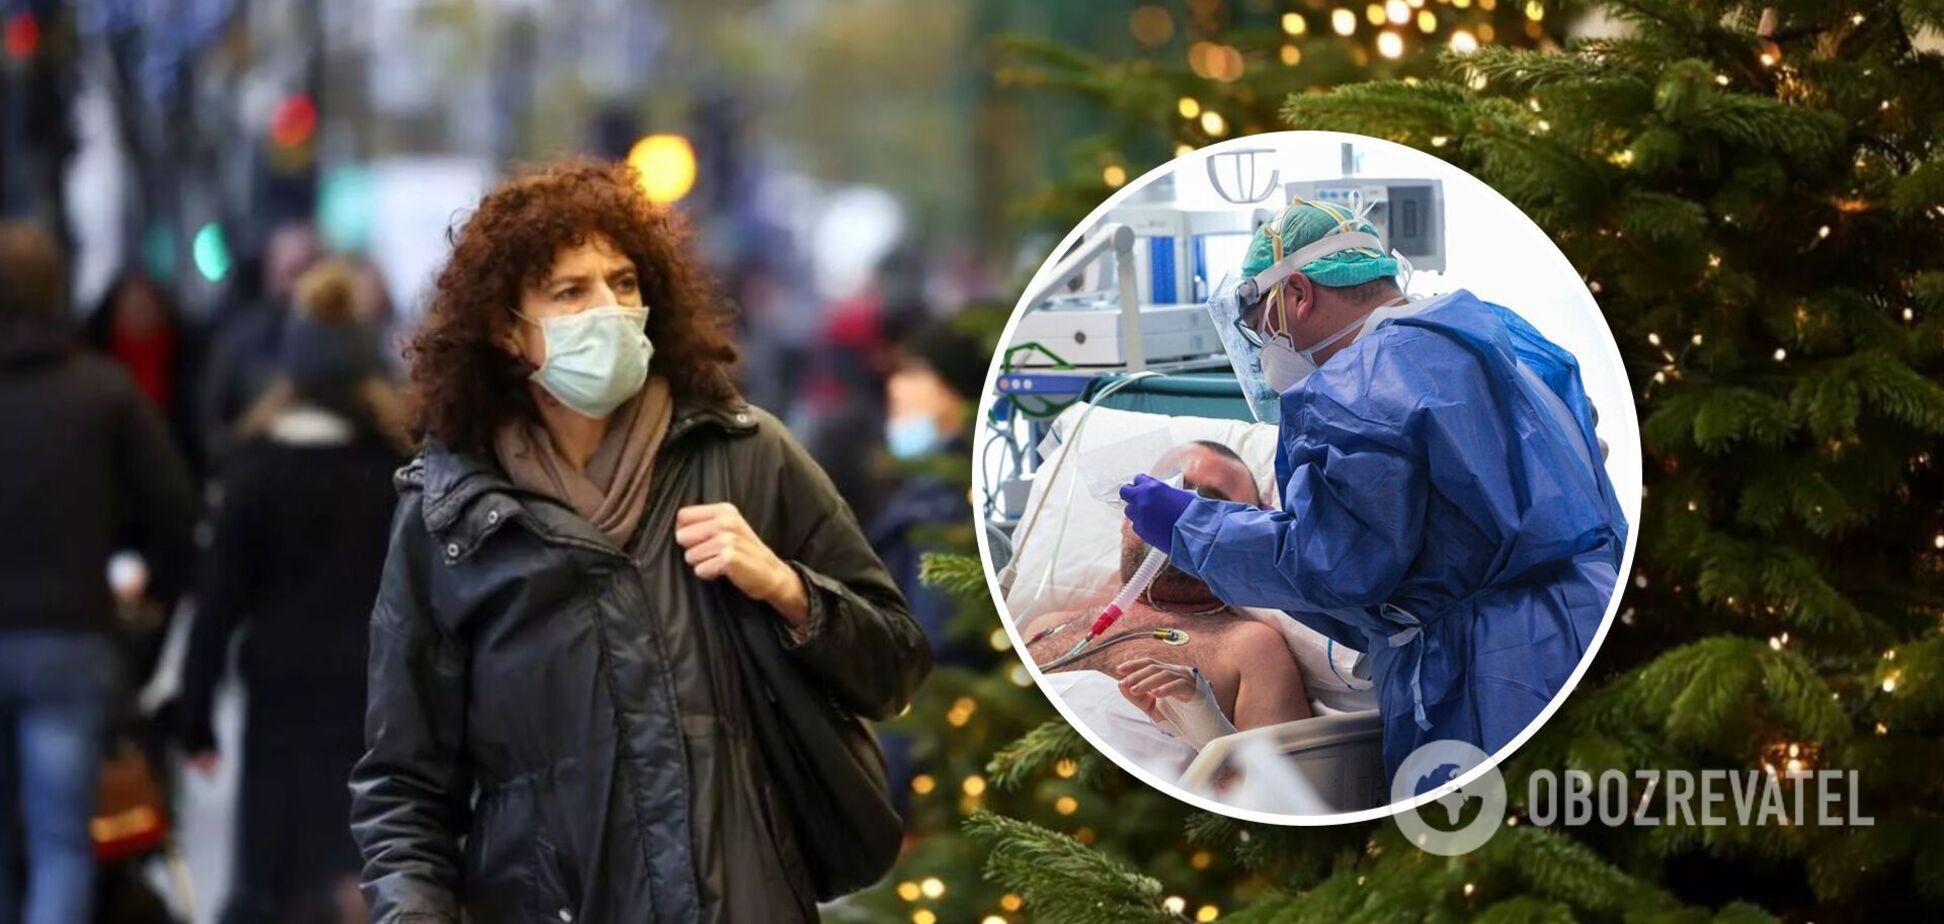 Нерешительность власти убьет тысячи людей, Украина на грани COVID-катастрофы: почему нам срочно нужен локдаун